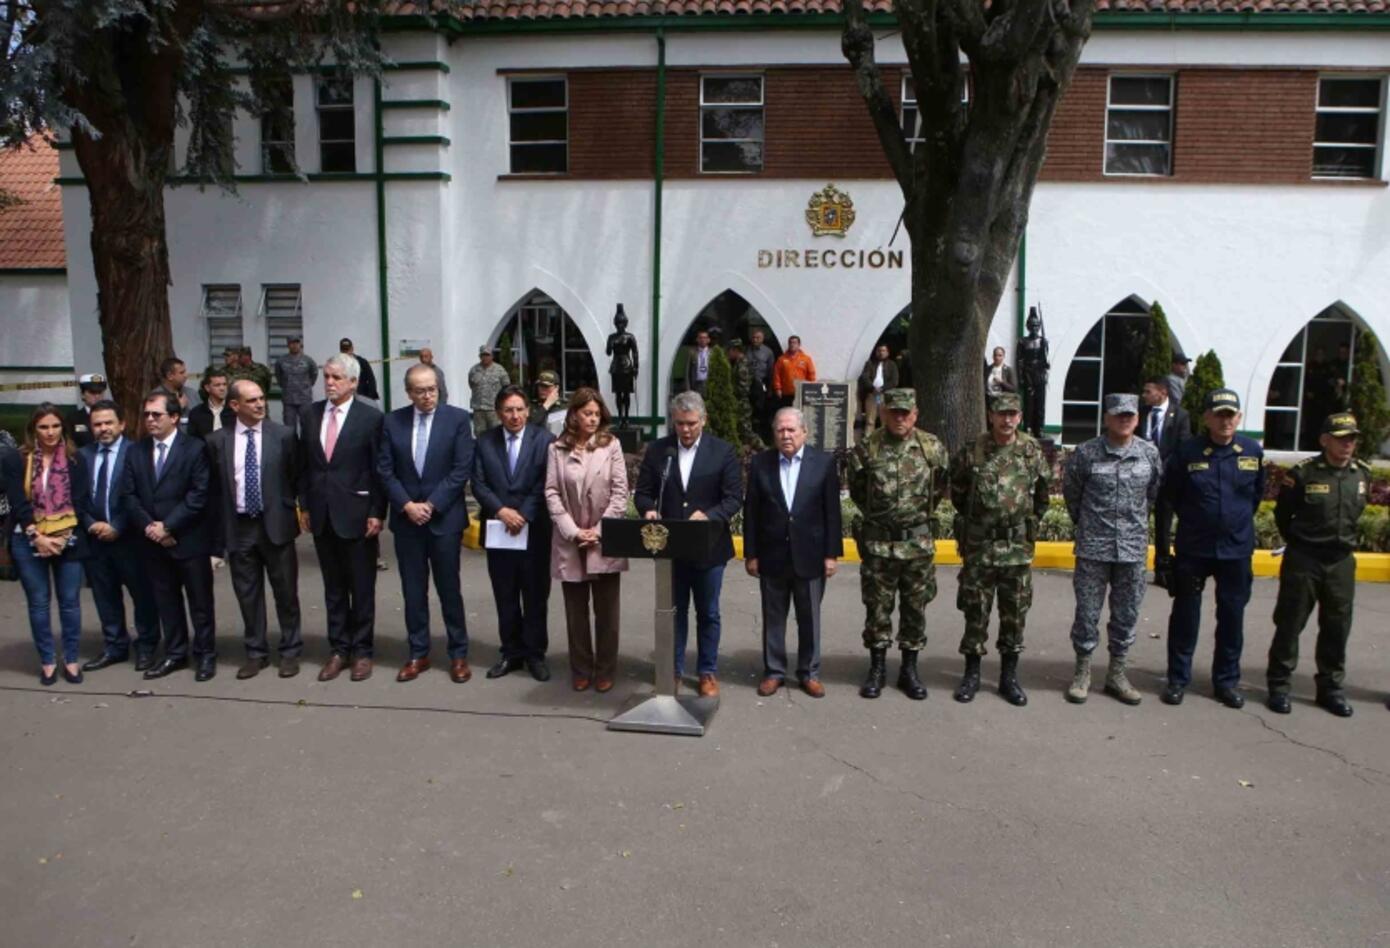 Gobierno y cúpula militar sobre Carro Bomba en Escuela General Santander